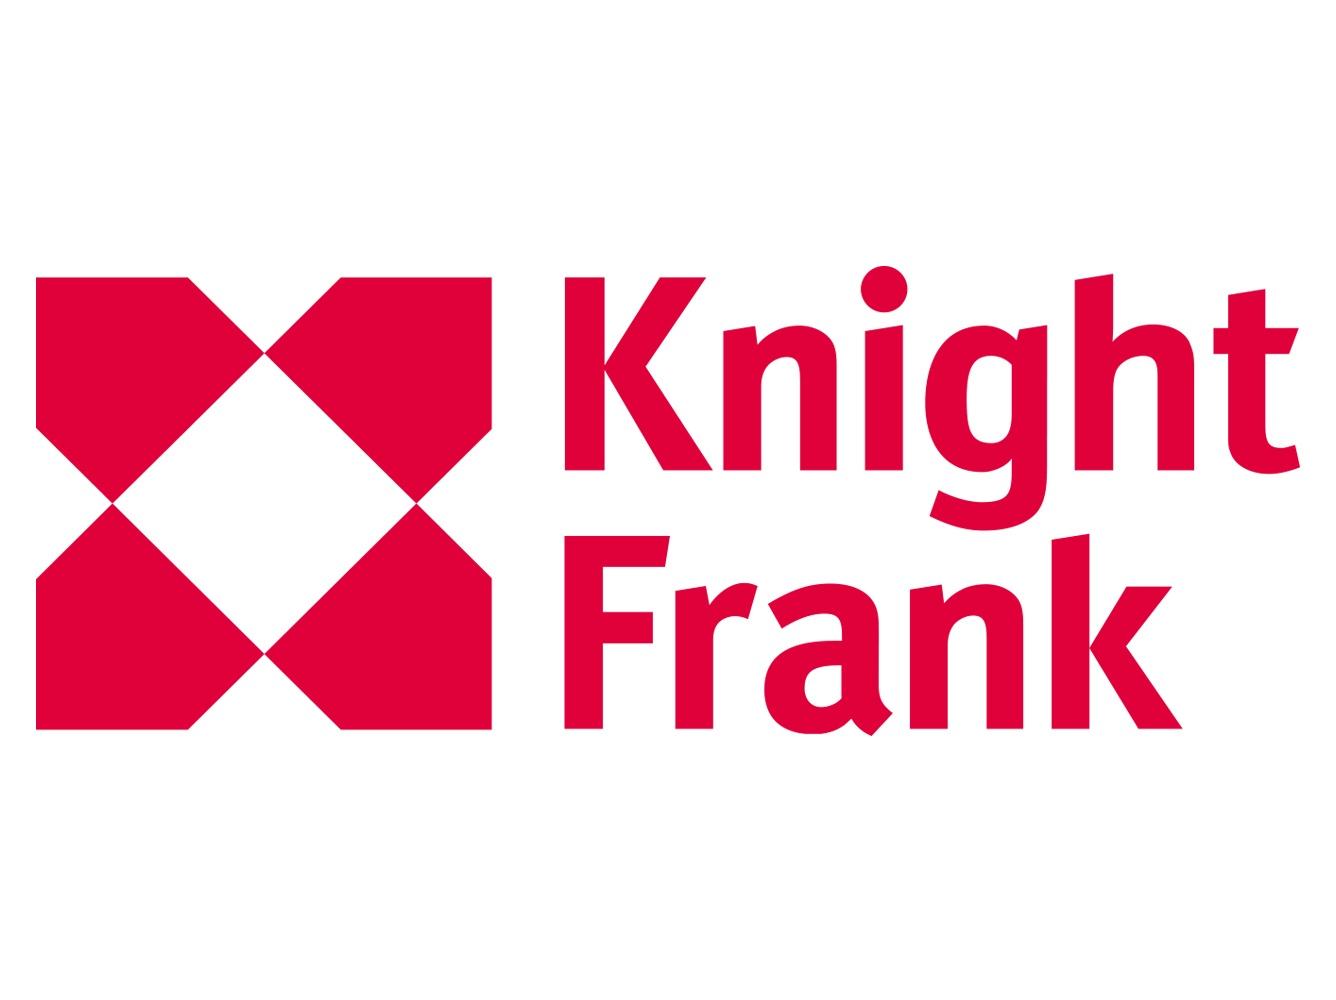 Knight-Frank.jpg